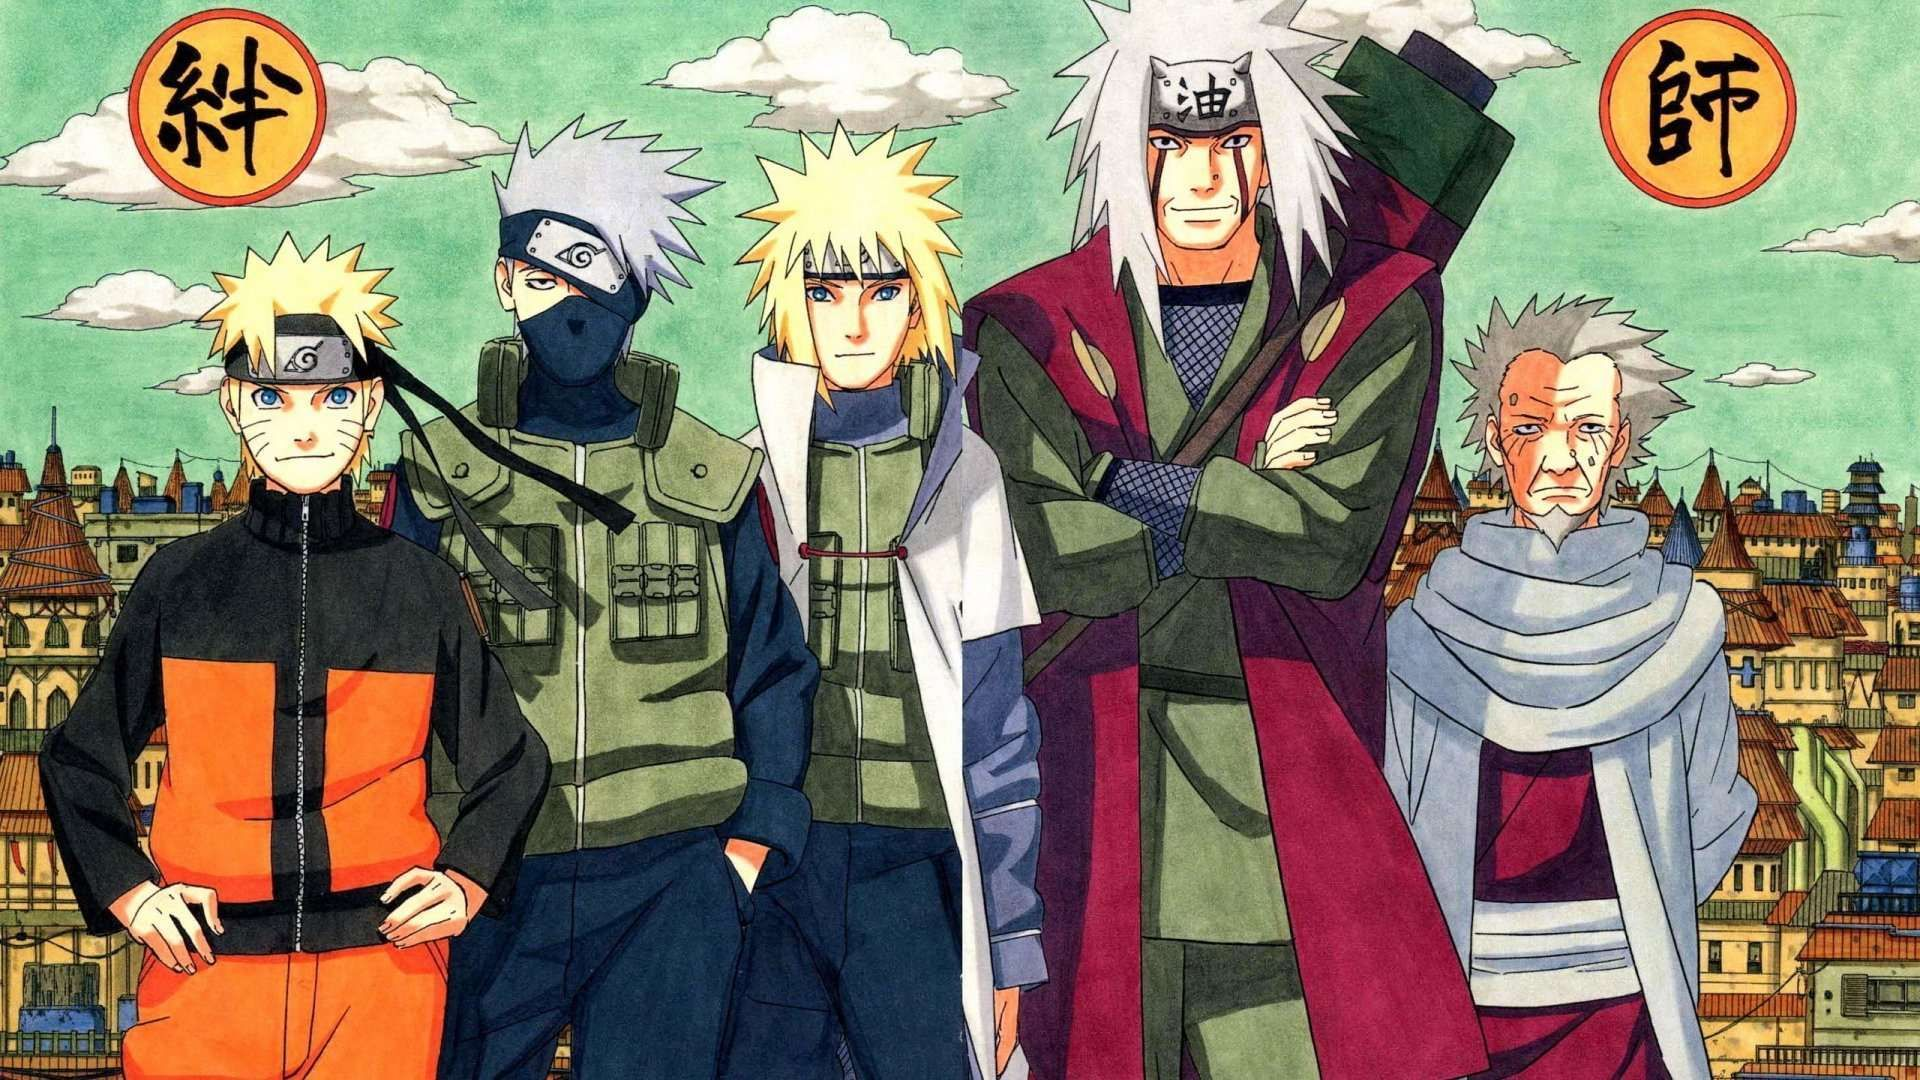 Naruto Shippuden Hokage Wallpapers Hd 1080p Naruto Jiraiya